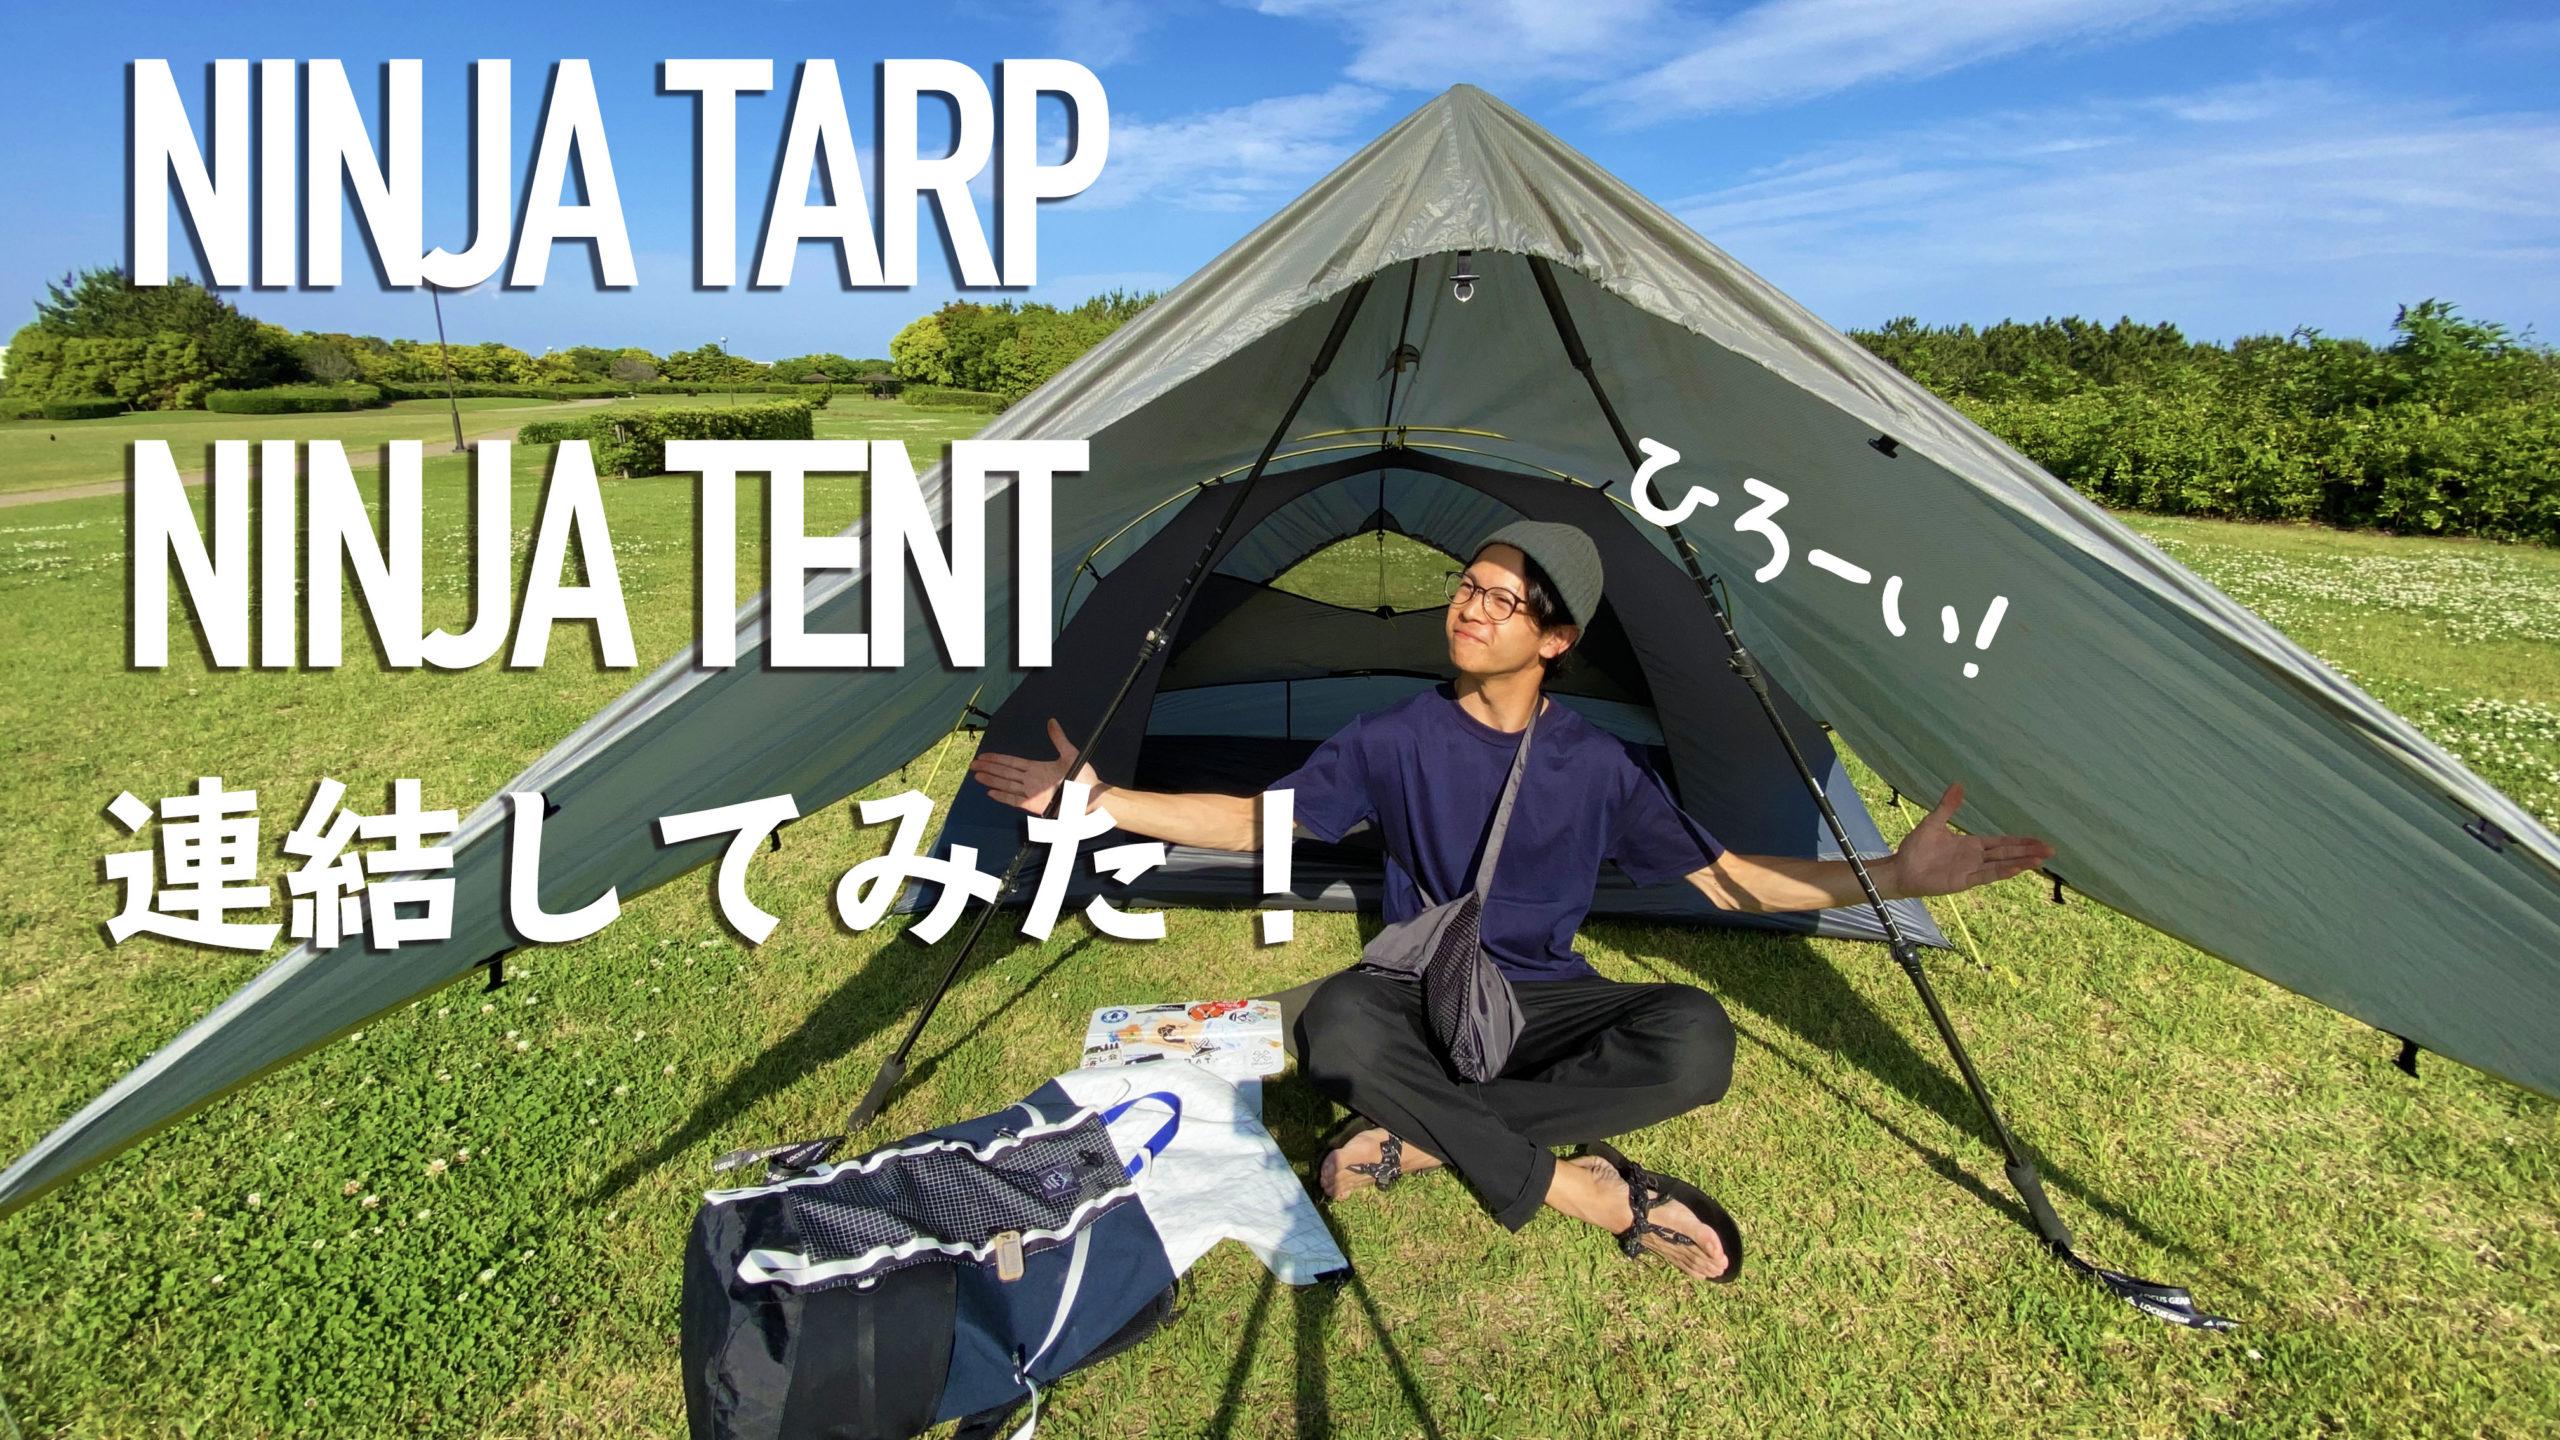 【ニンジャタープ研究所】秘技!NINJA超連結タープ!快適ソロキャンプ〜!